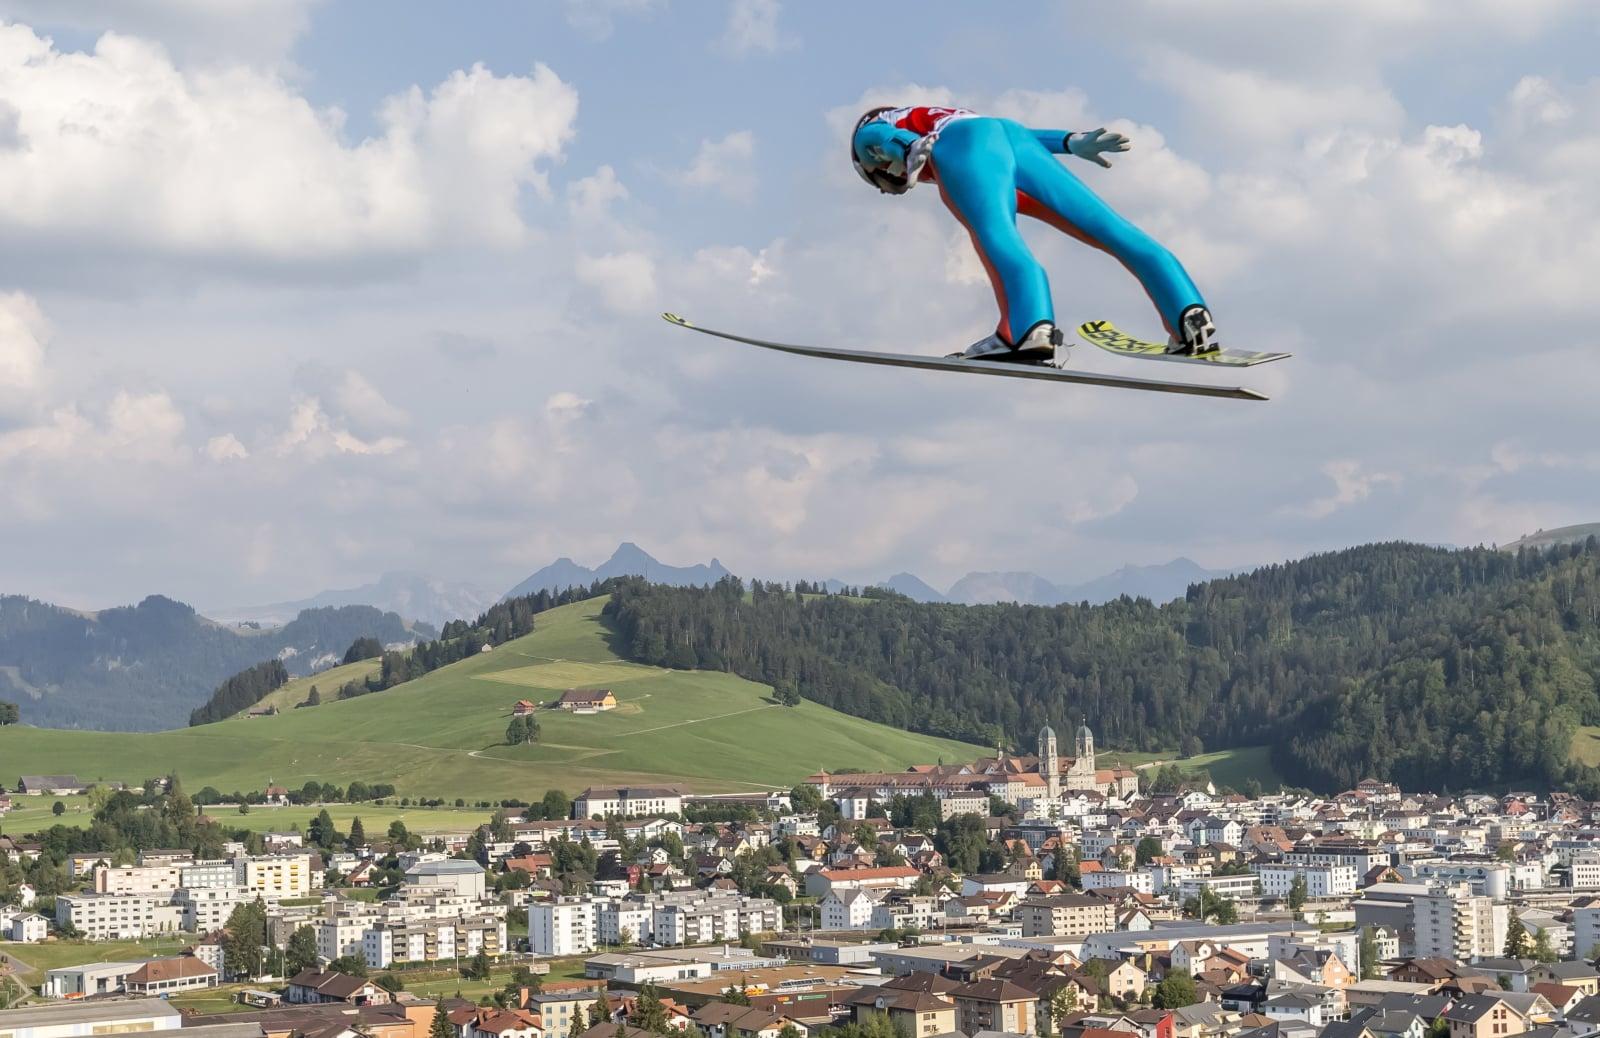 Letnie GP w skokach narciarskich w Einsiedeln. fot. EPA/THOMAS HODEL